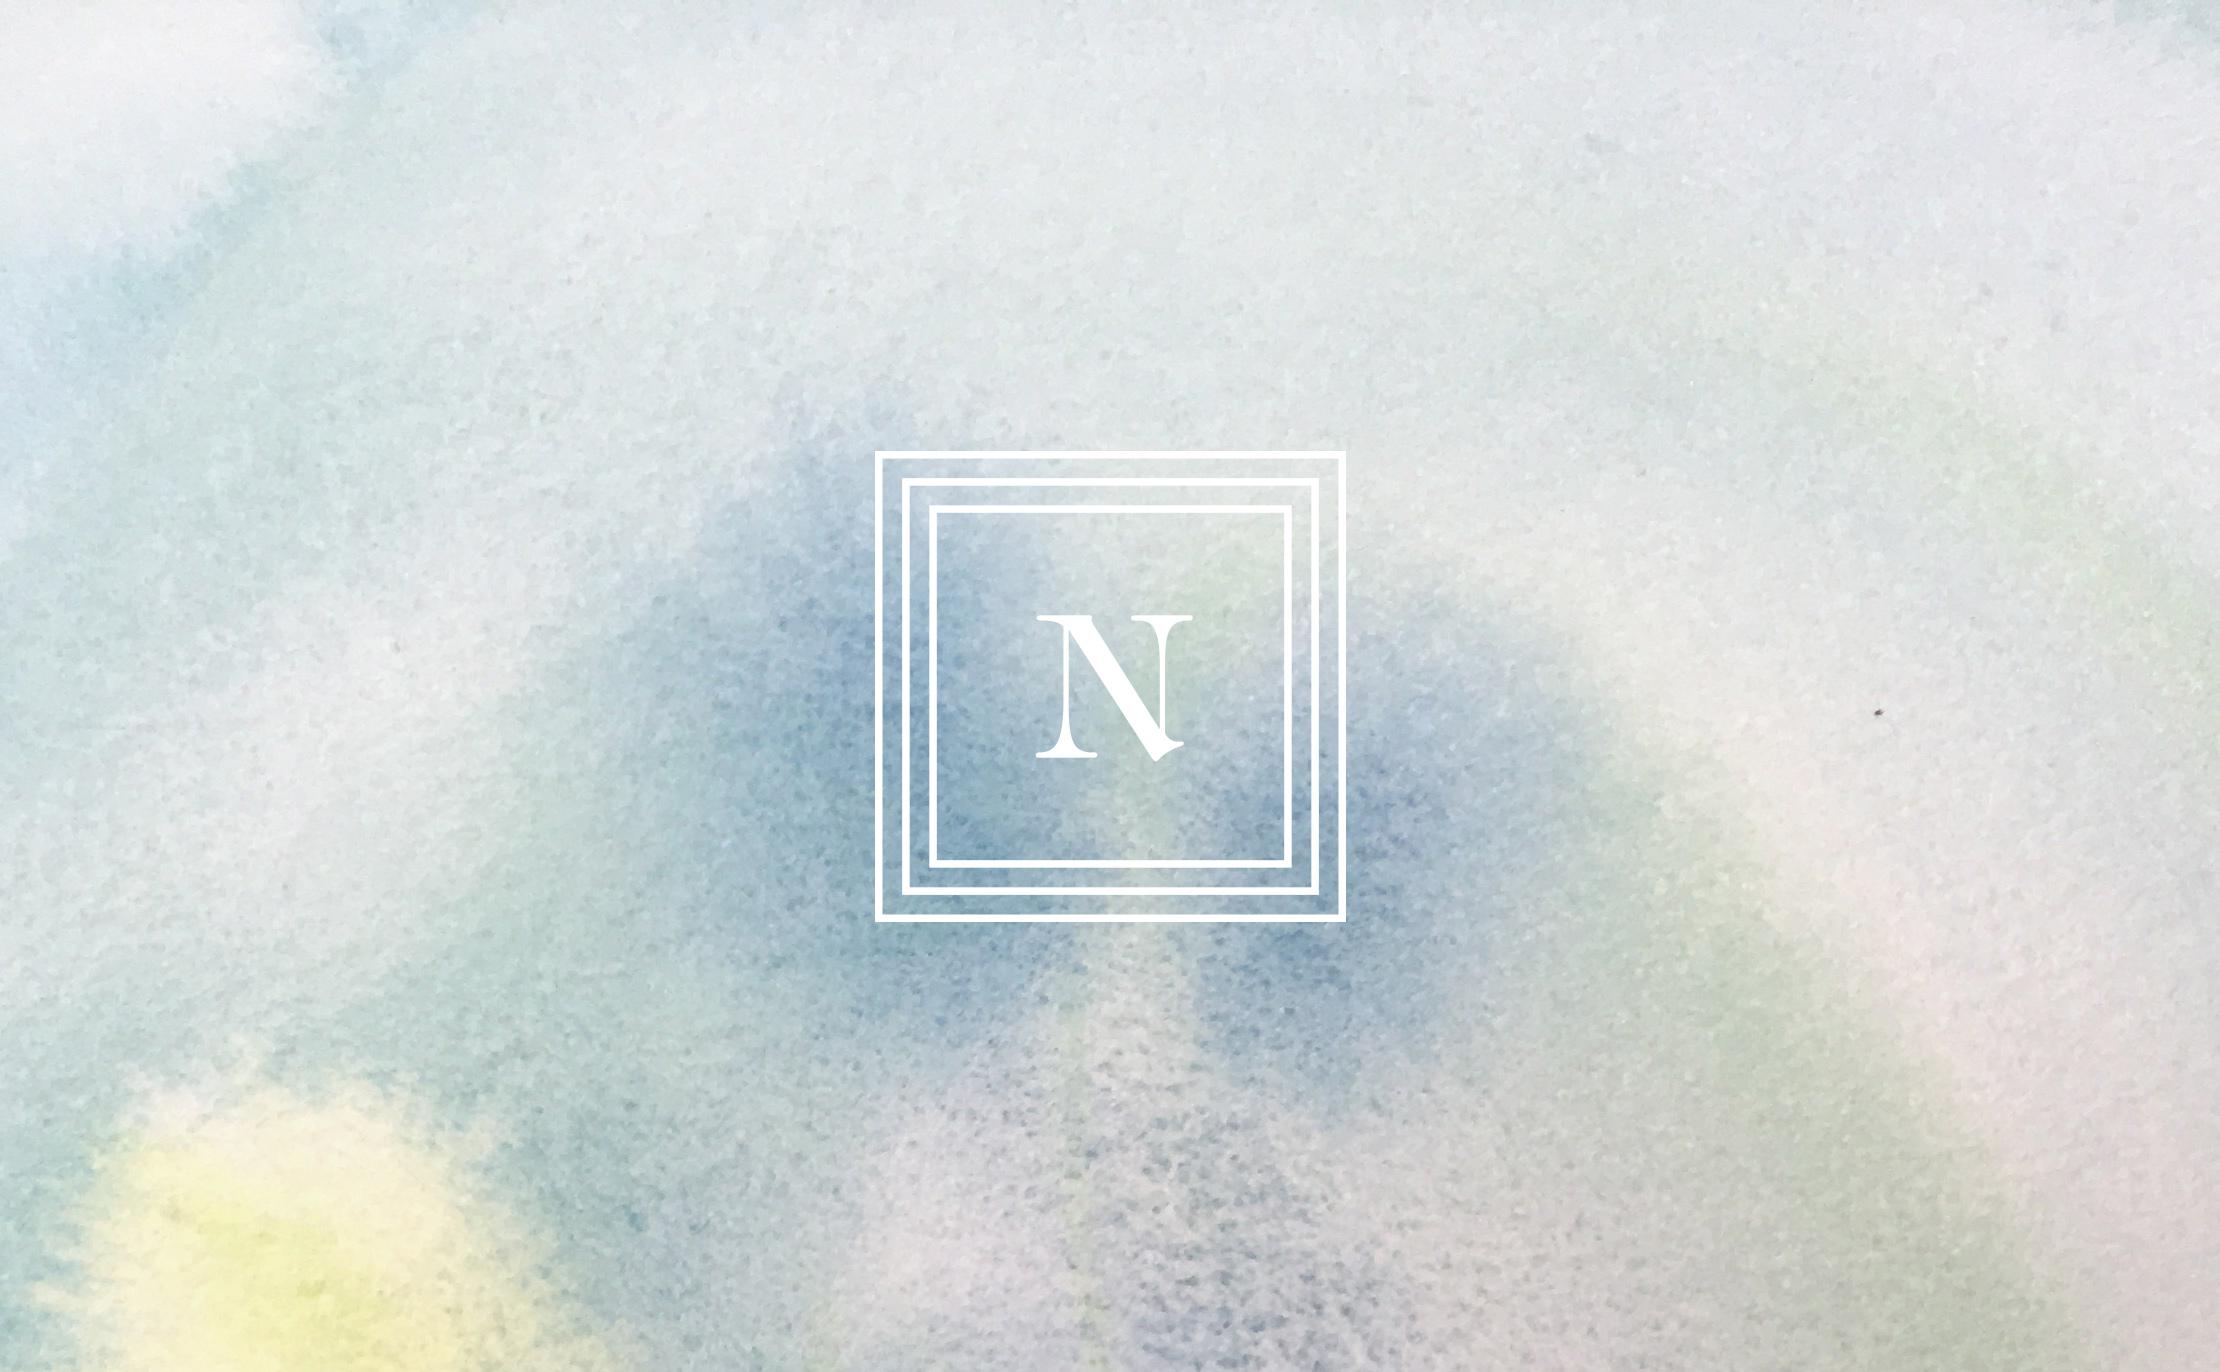 narissa_56.jpg